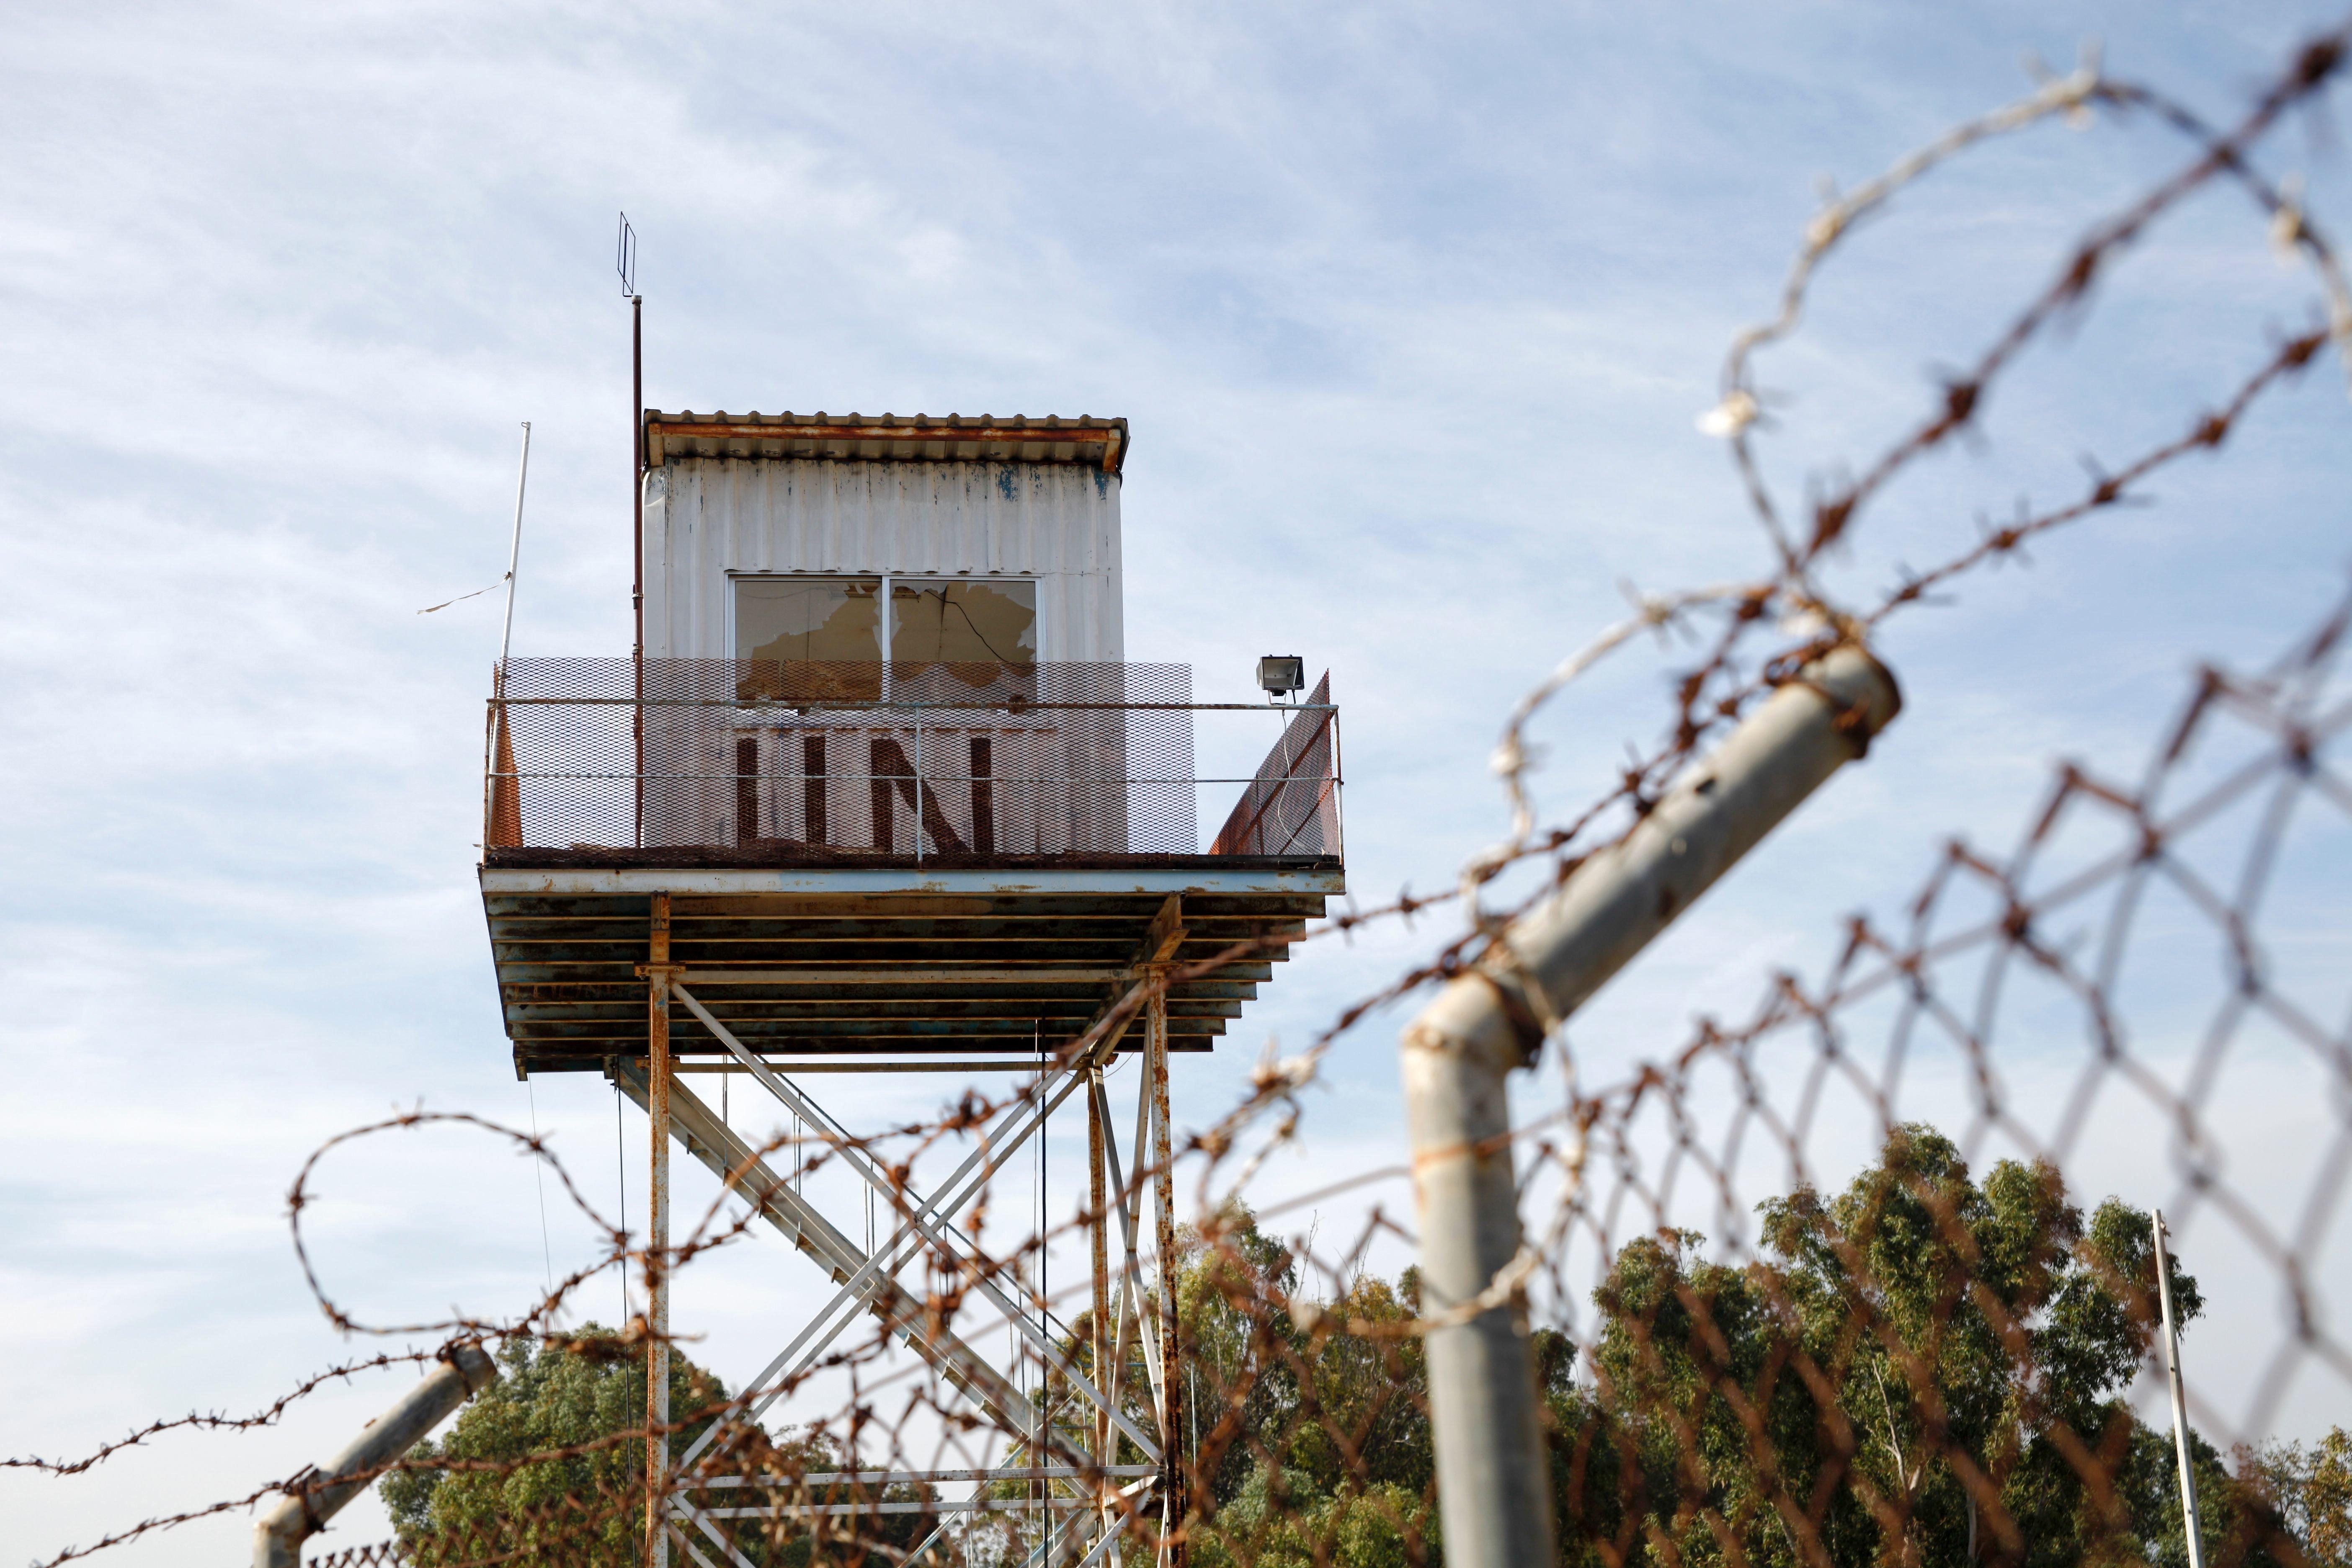 Κύπρος: Φέρεται να παραδόθηκε στην Αστυνομία ο ύποπτος για το φόνο του Σολωμού